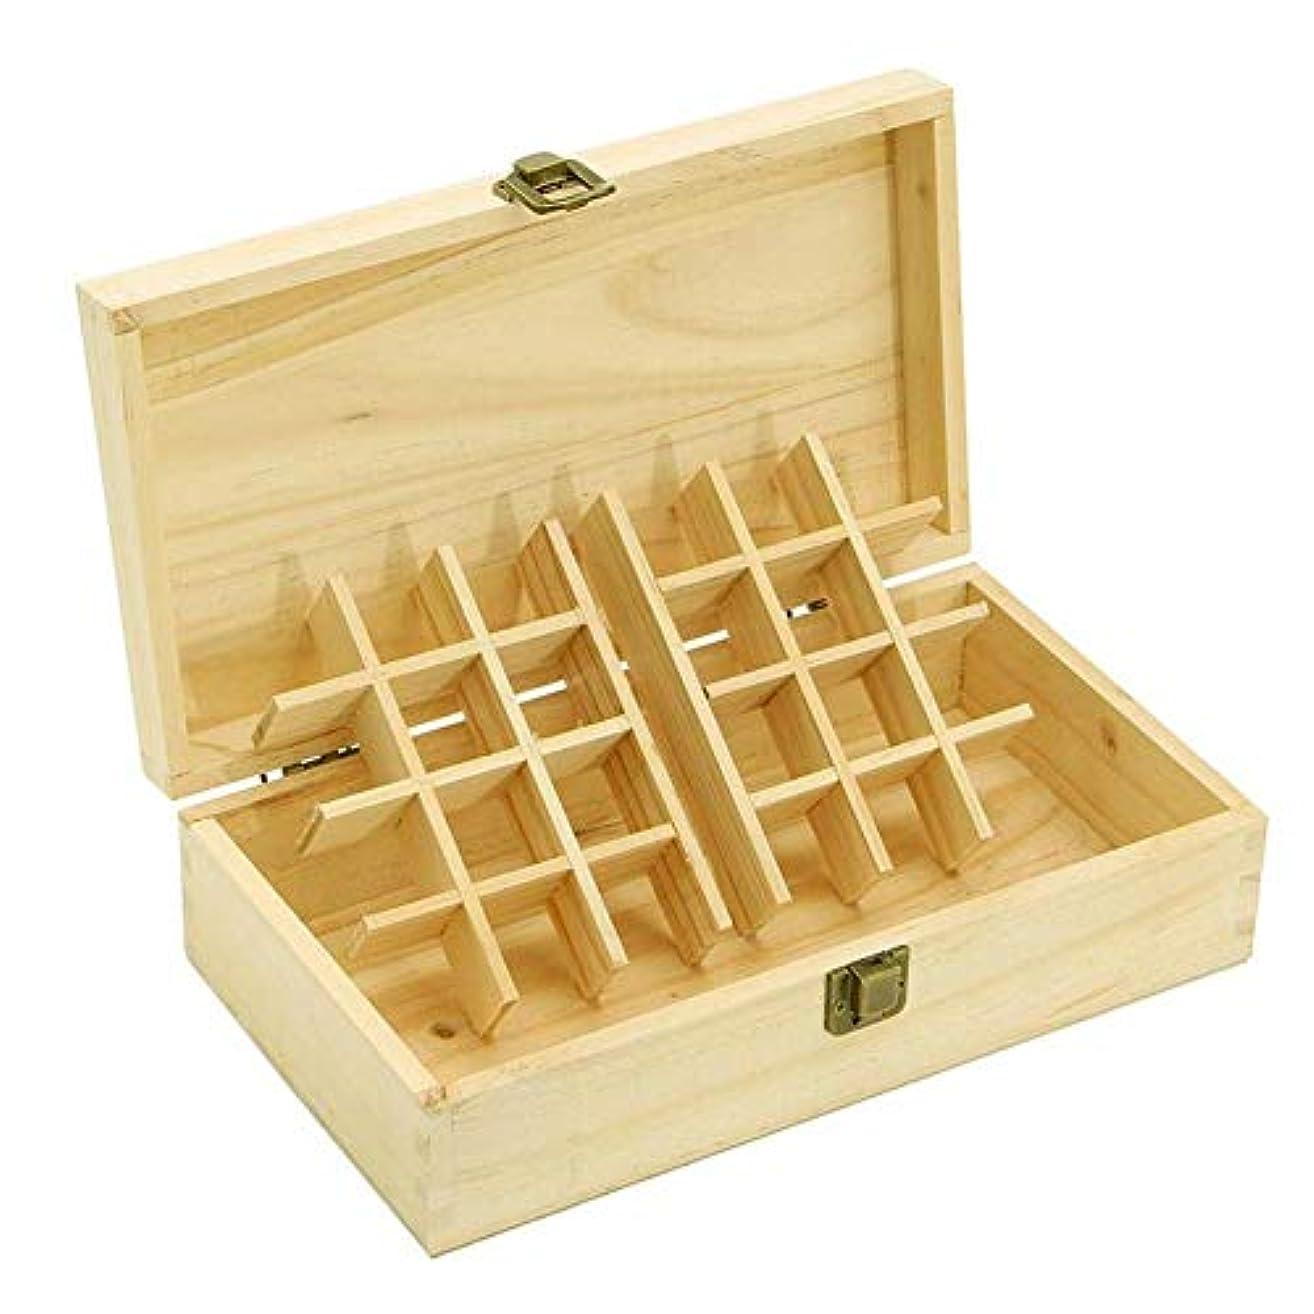 悪化させる手術不潔エッセンシャルオイル収納ボックス 純木の精油の収納箱 香水収納ケース アロマオイル収納ボックス